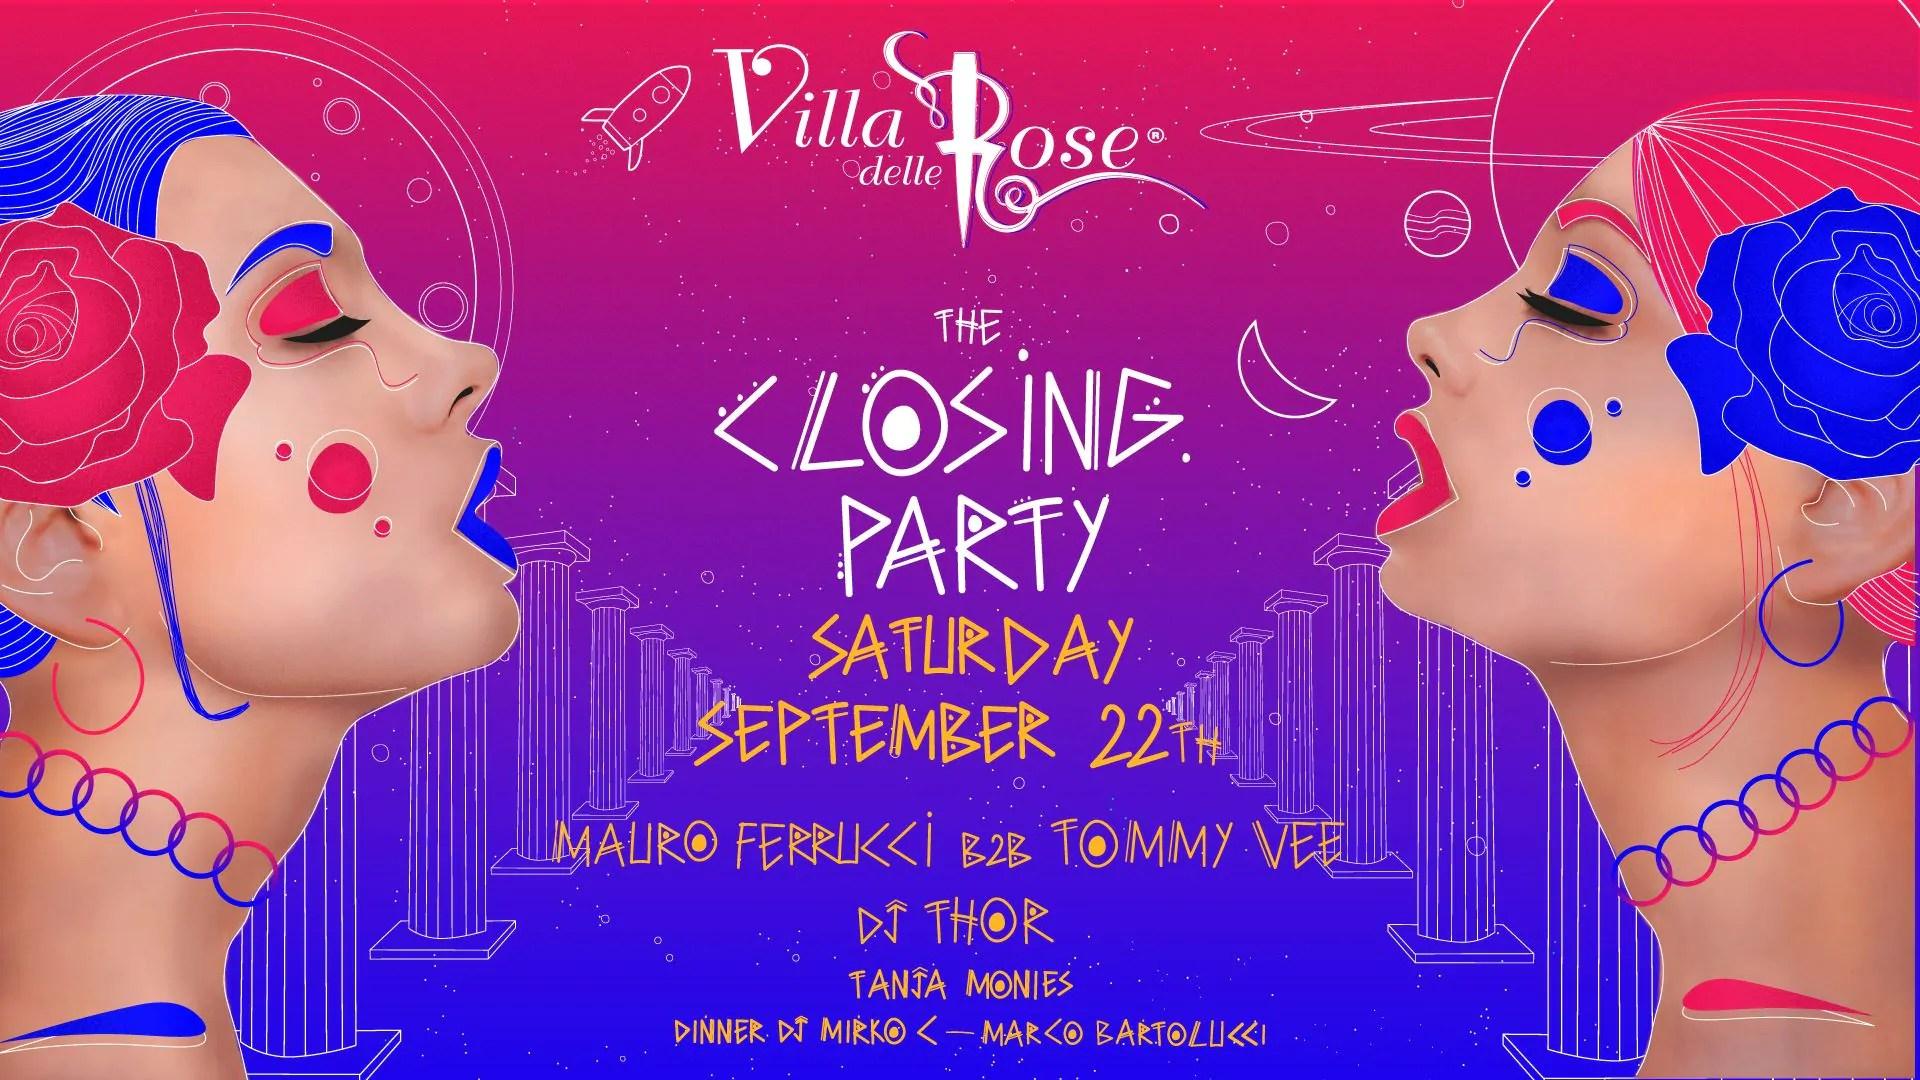 Closing Party Villa delle Rose  – 22 Settembre 2018 | Ticket Tavoli Pacchetti hotel Prevendite